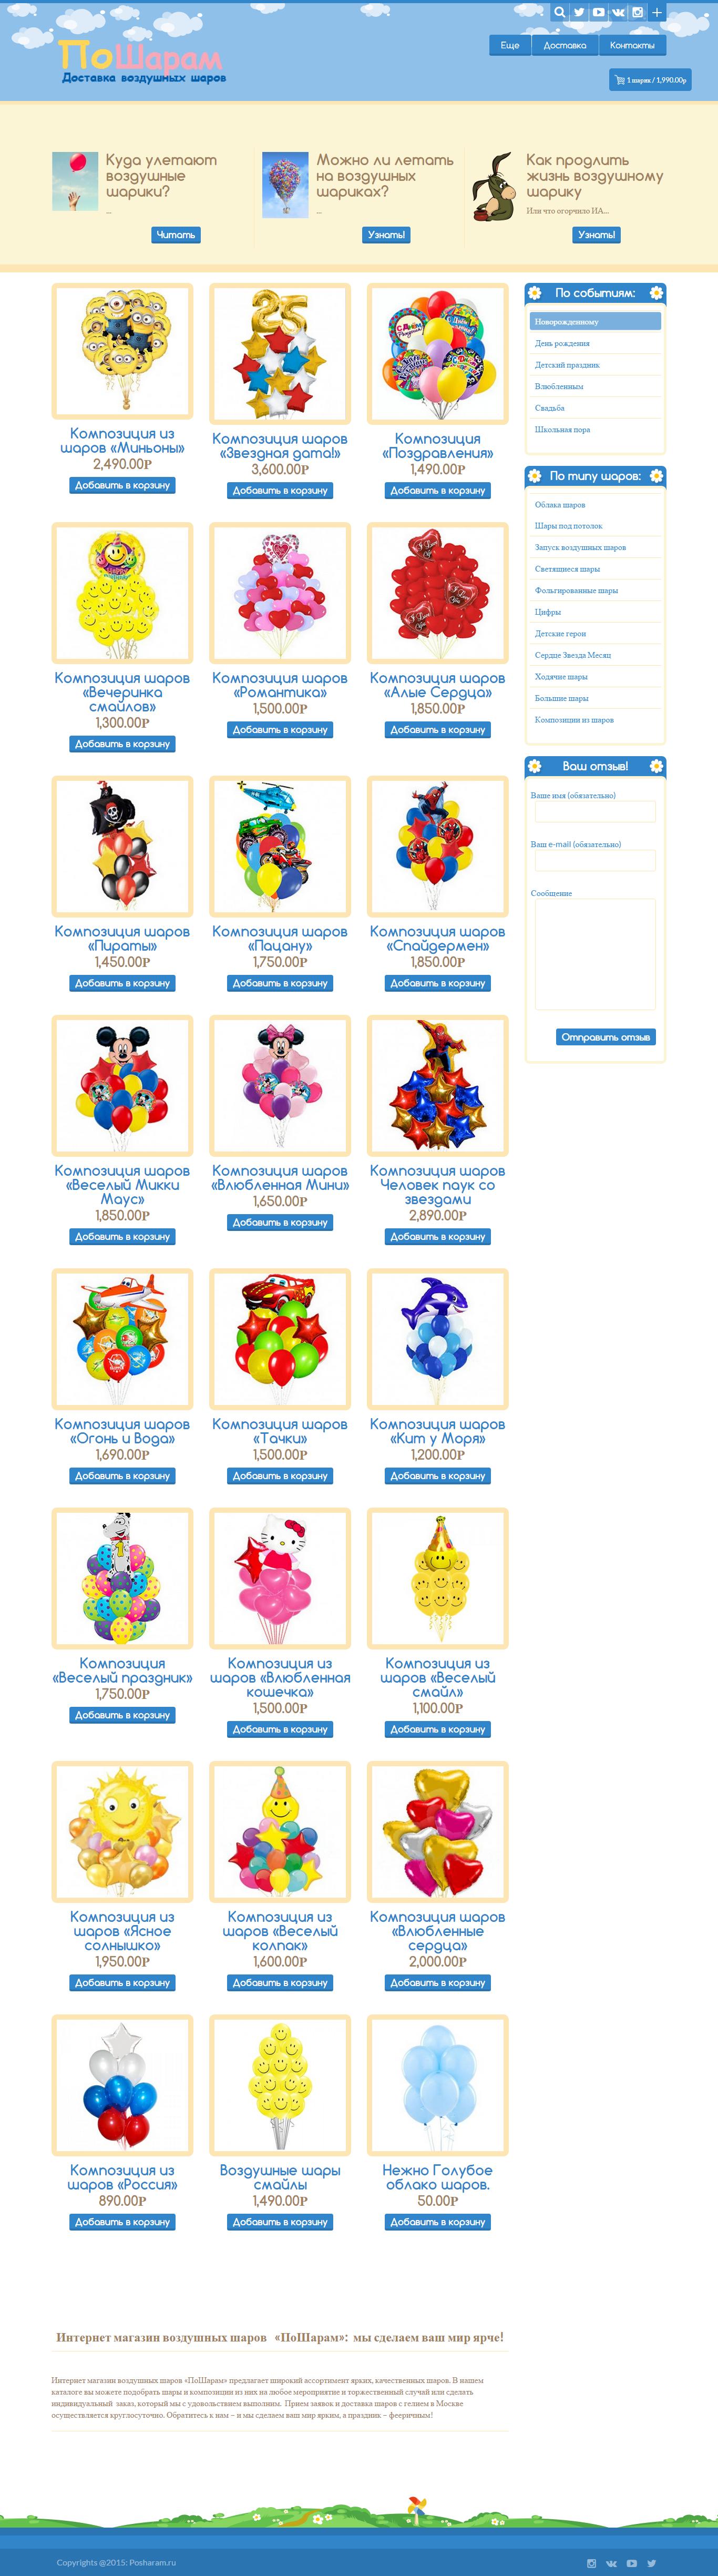 Wordpress posharam.ru